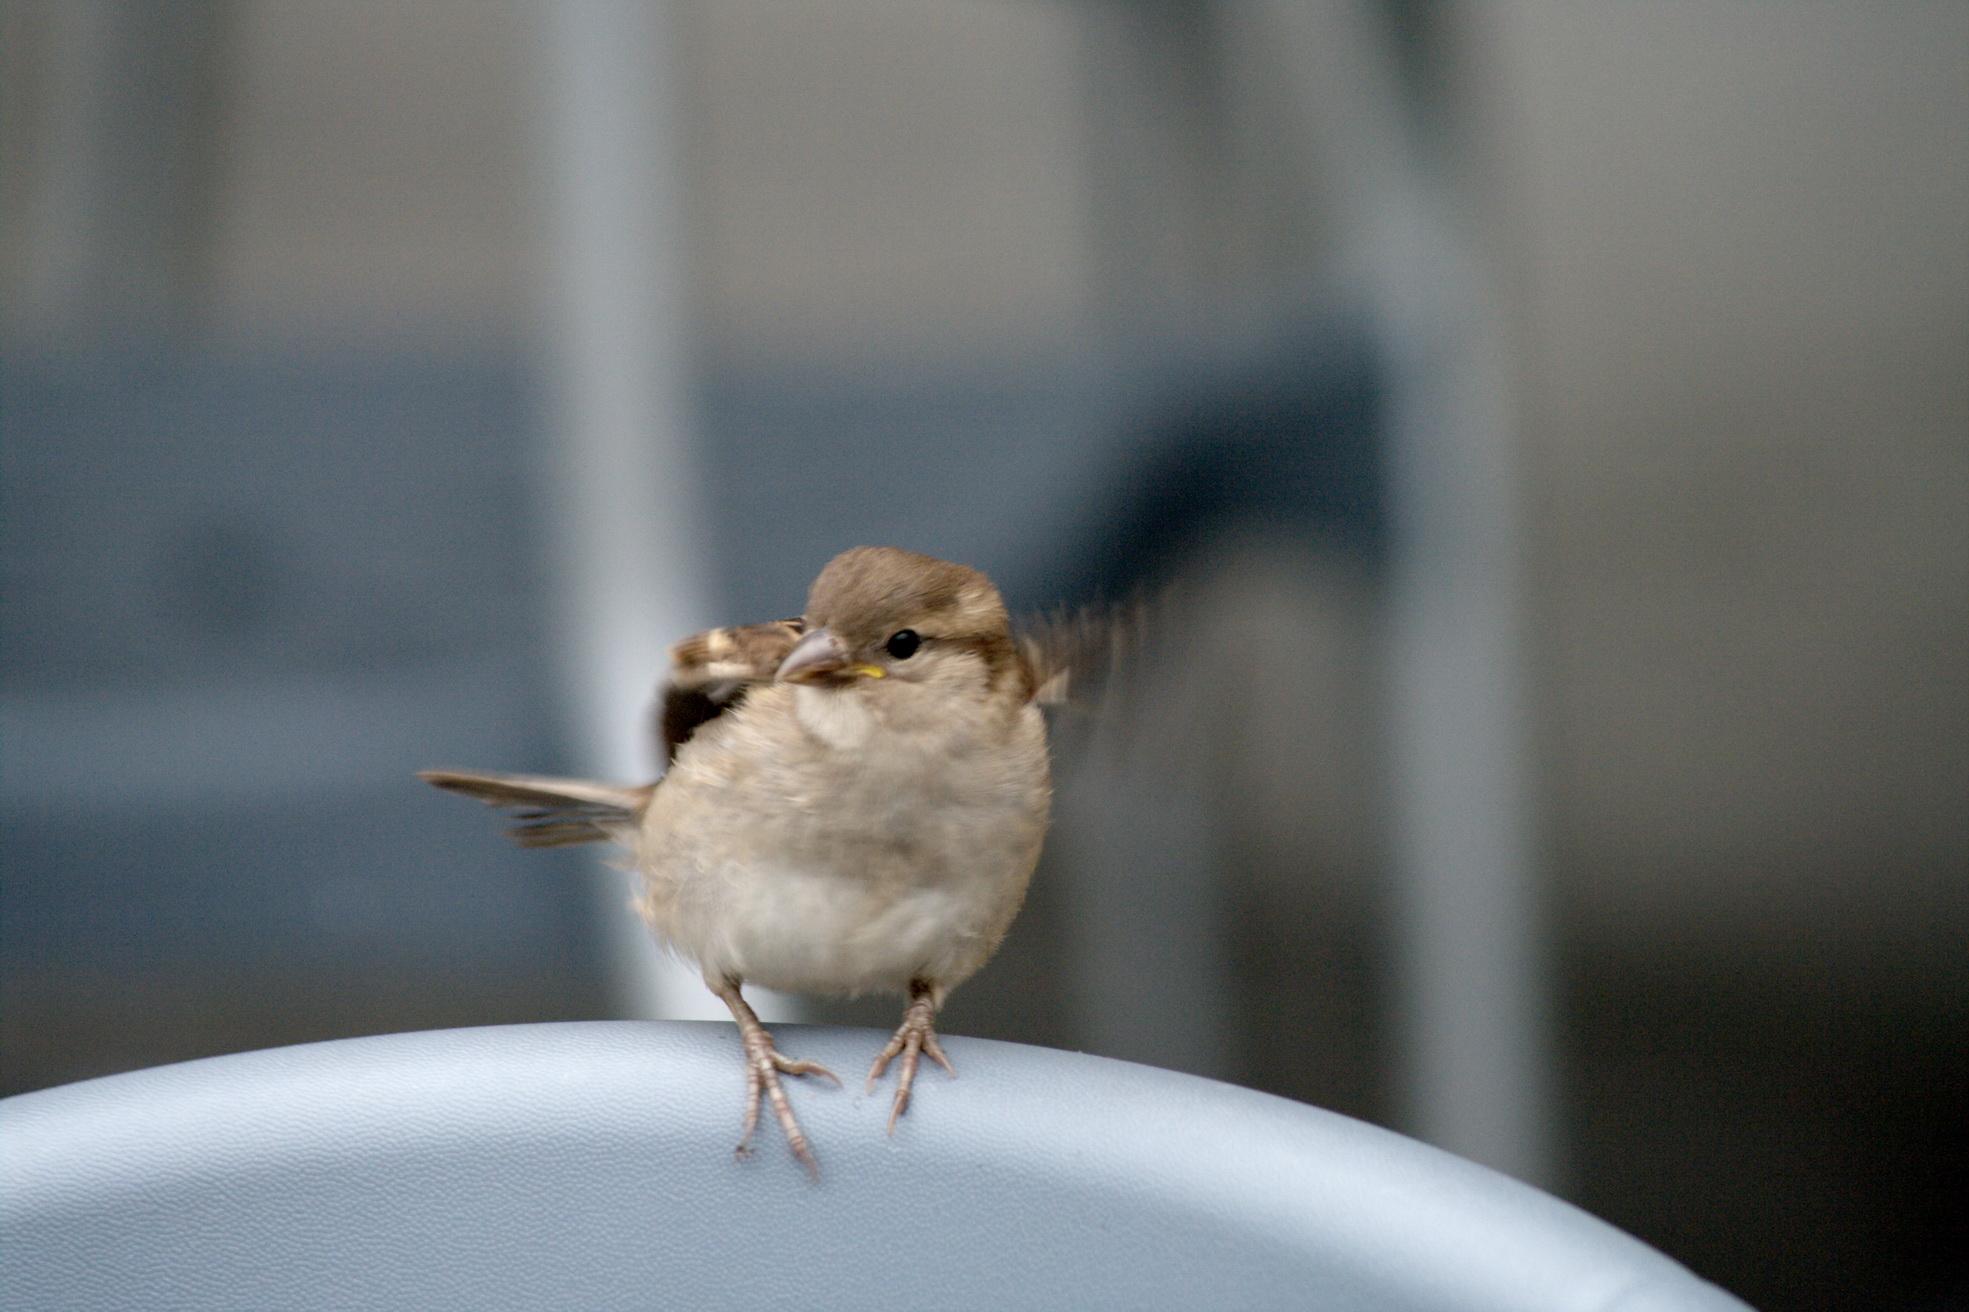 Un battement d'ailes. J'ai ma réponse. Adieu moineau